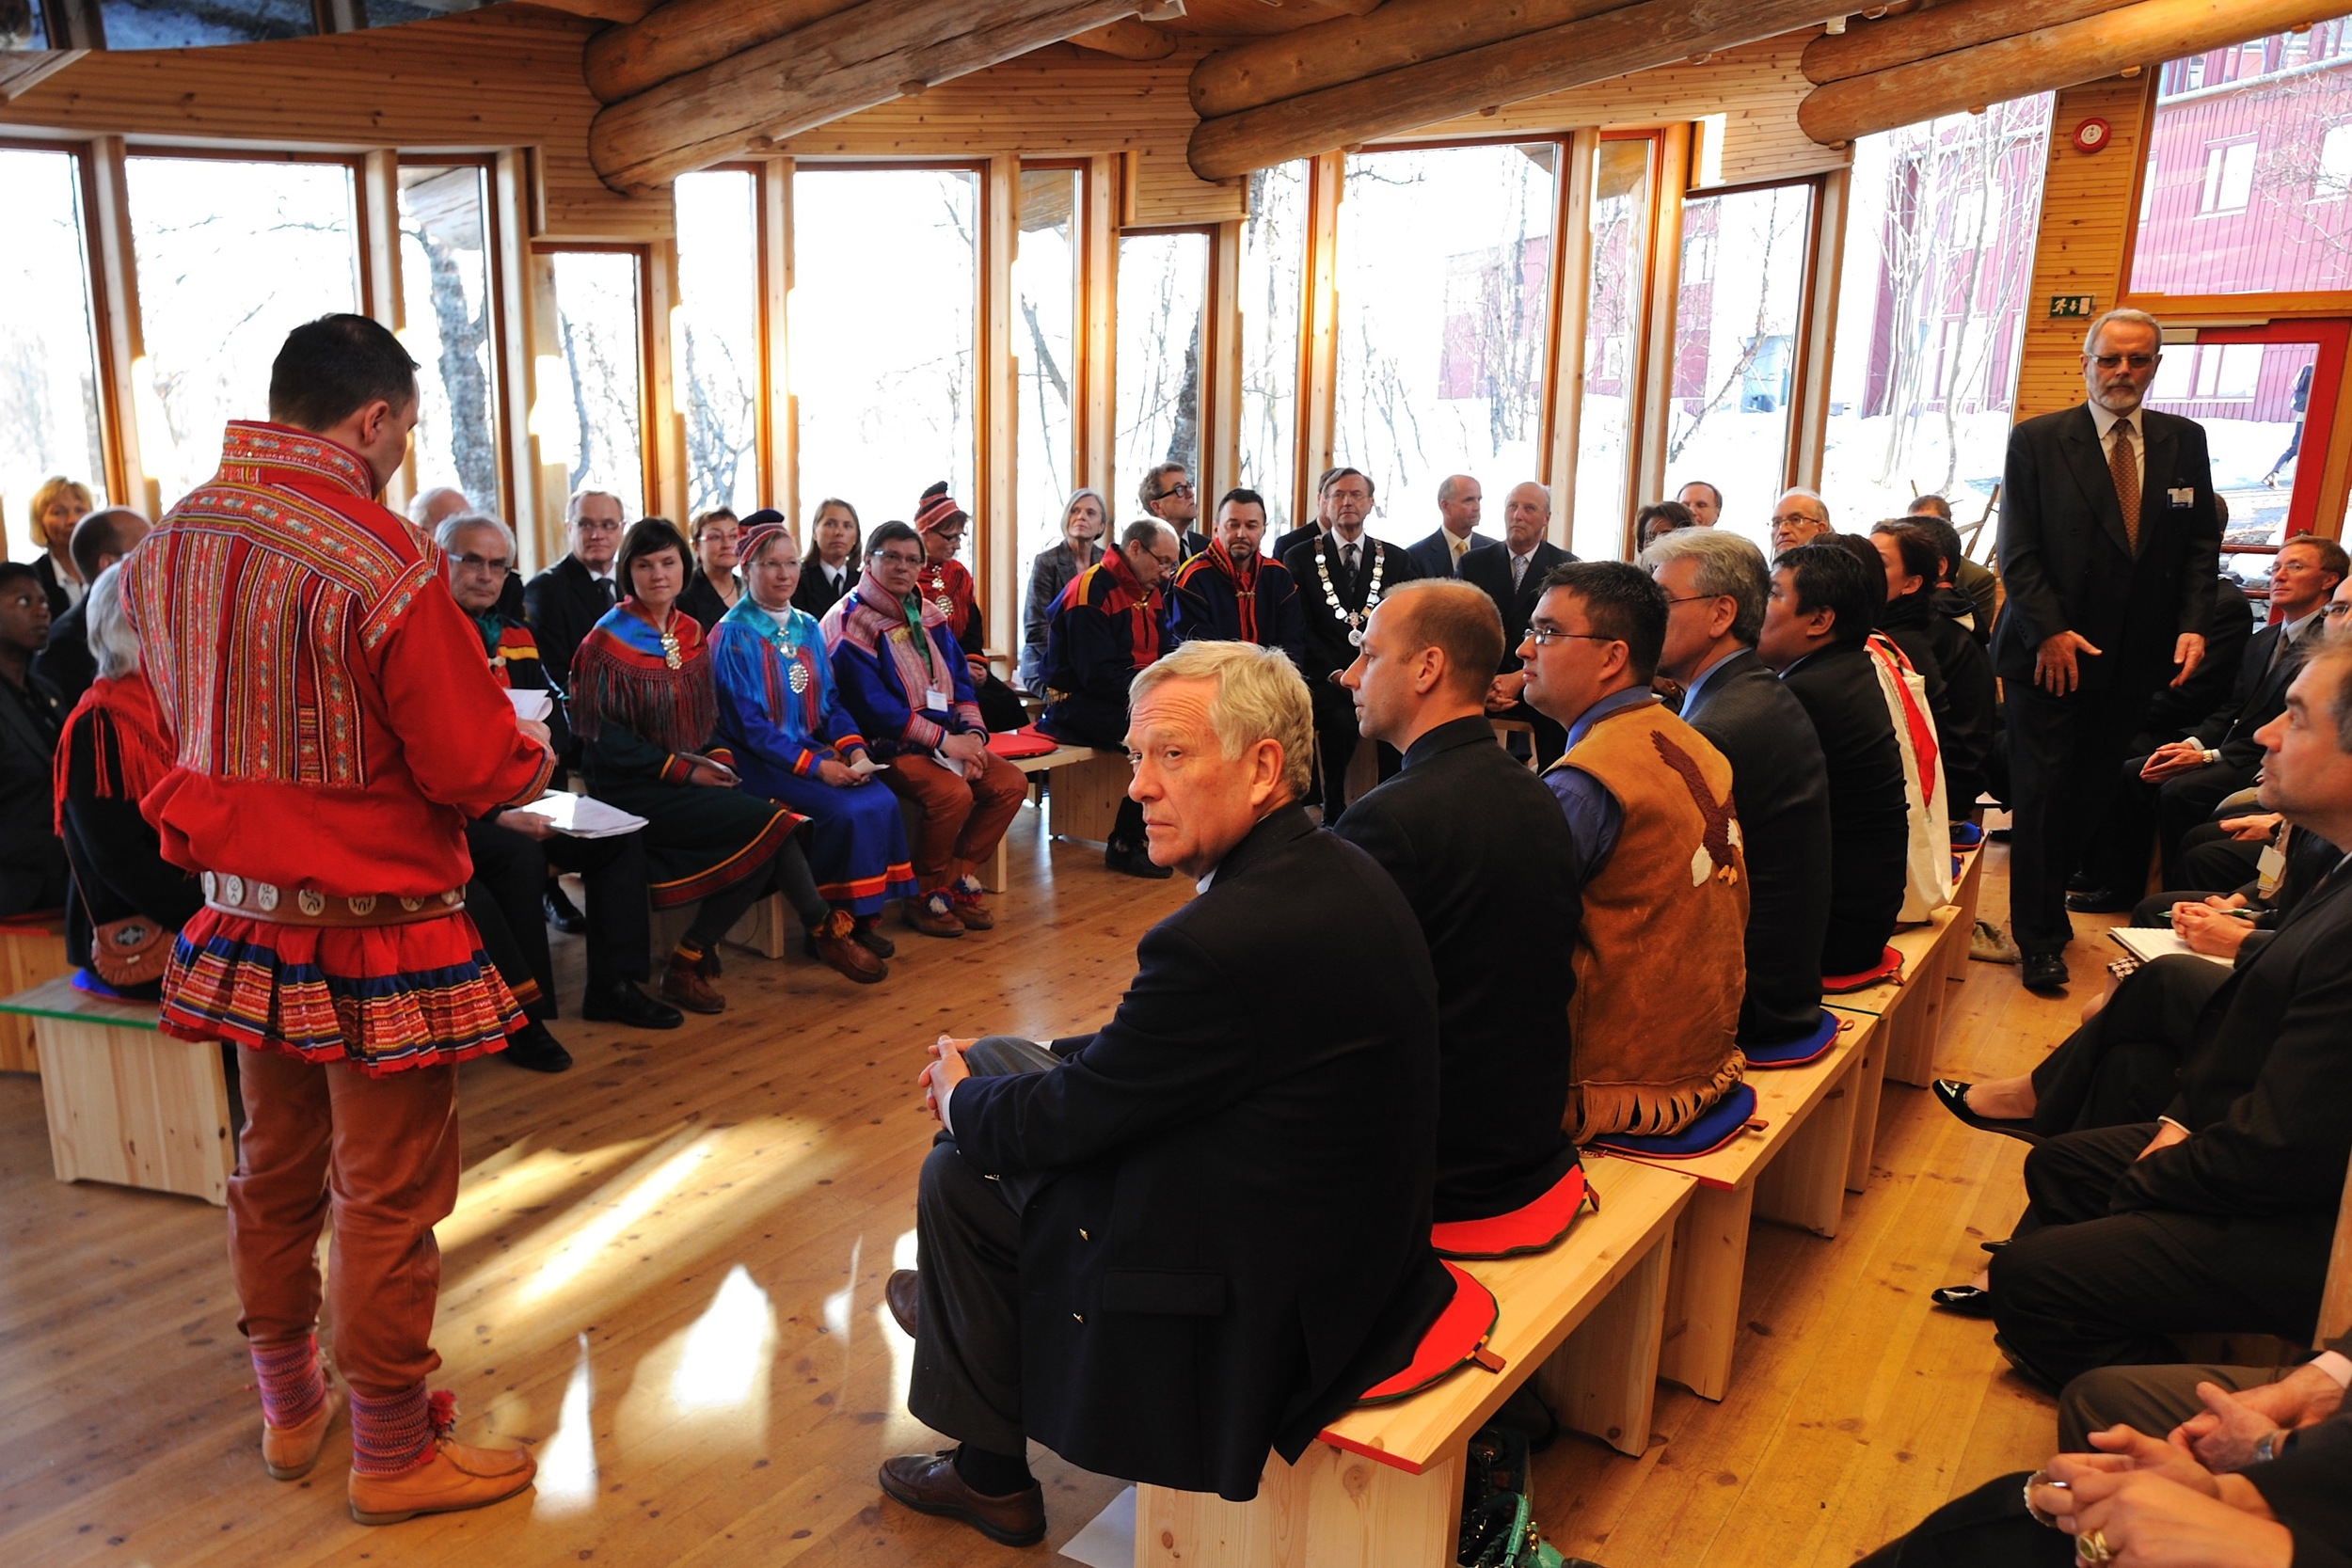 Le 30 avril 2009, à l'Université de Tromsø,discussion avec les autochtones  Sâmi  du Nord de la Norvège.